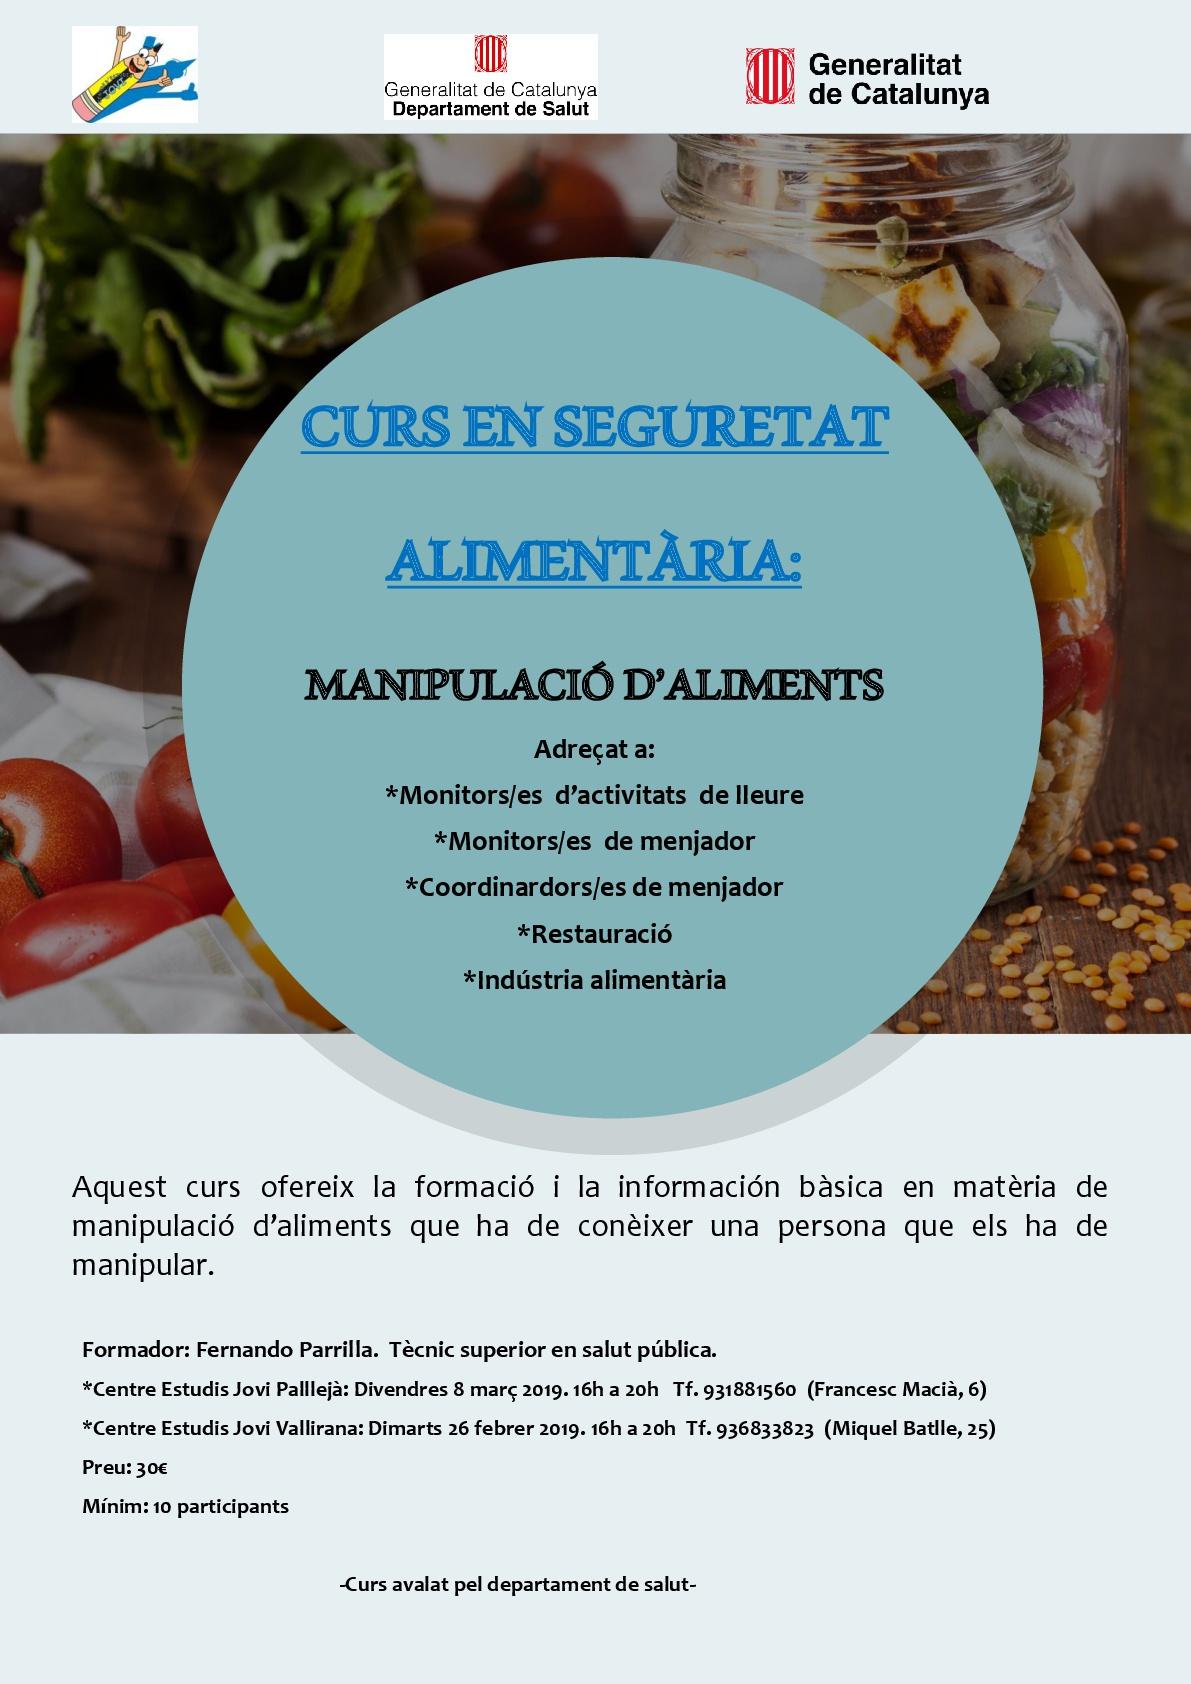 Curs de manipulador d'aliments-001